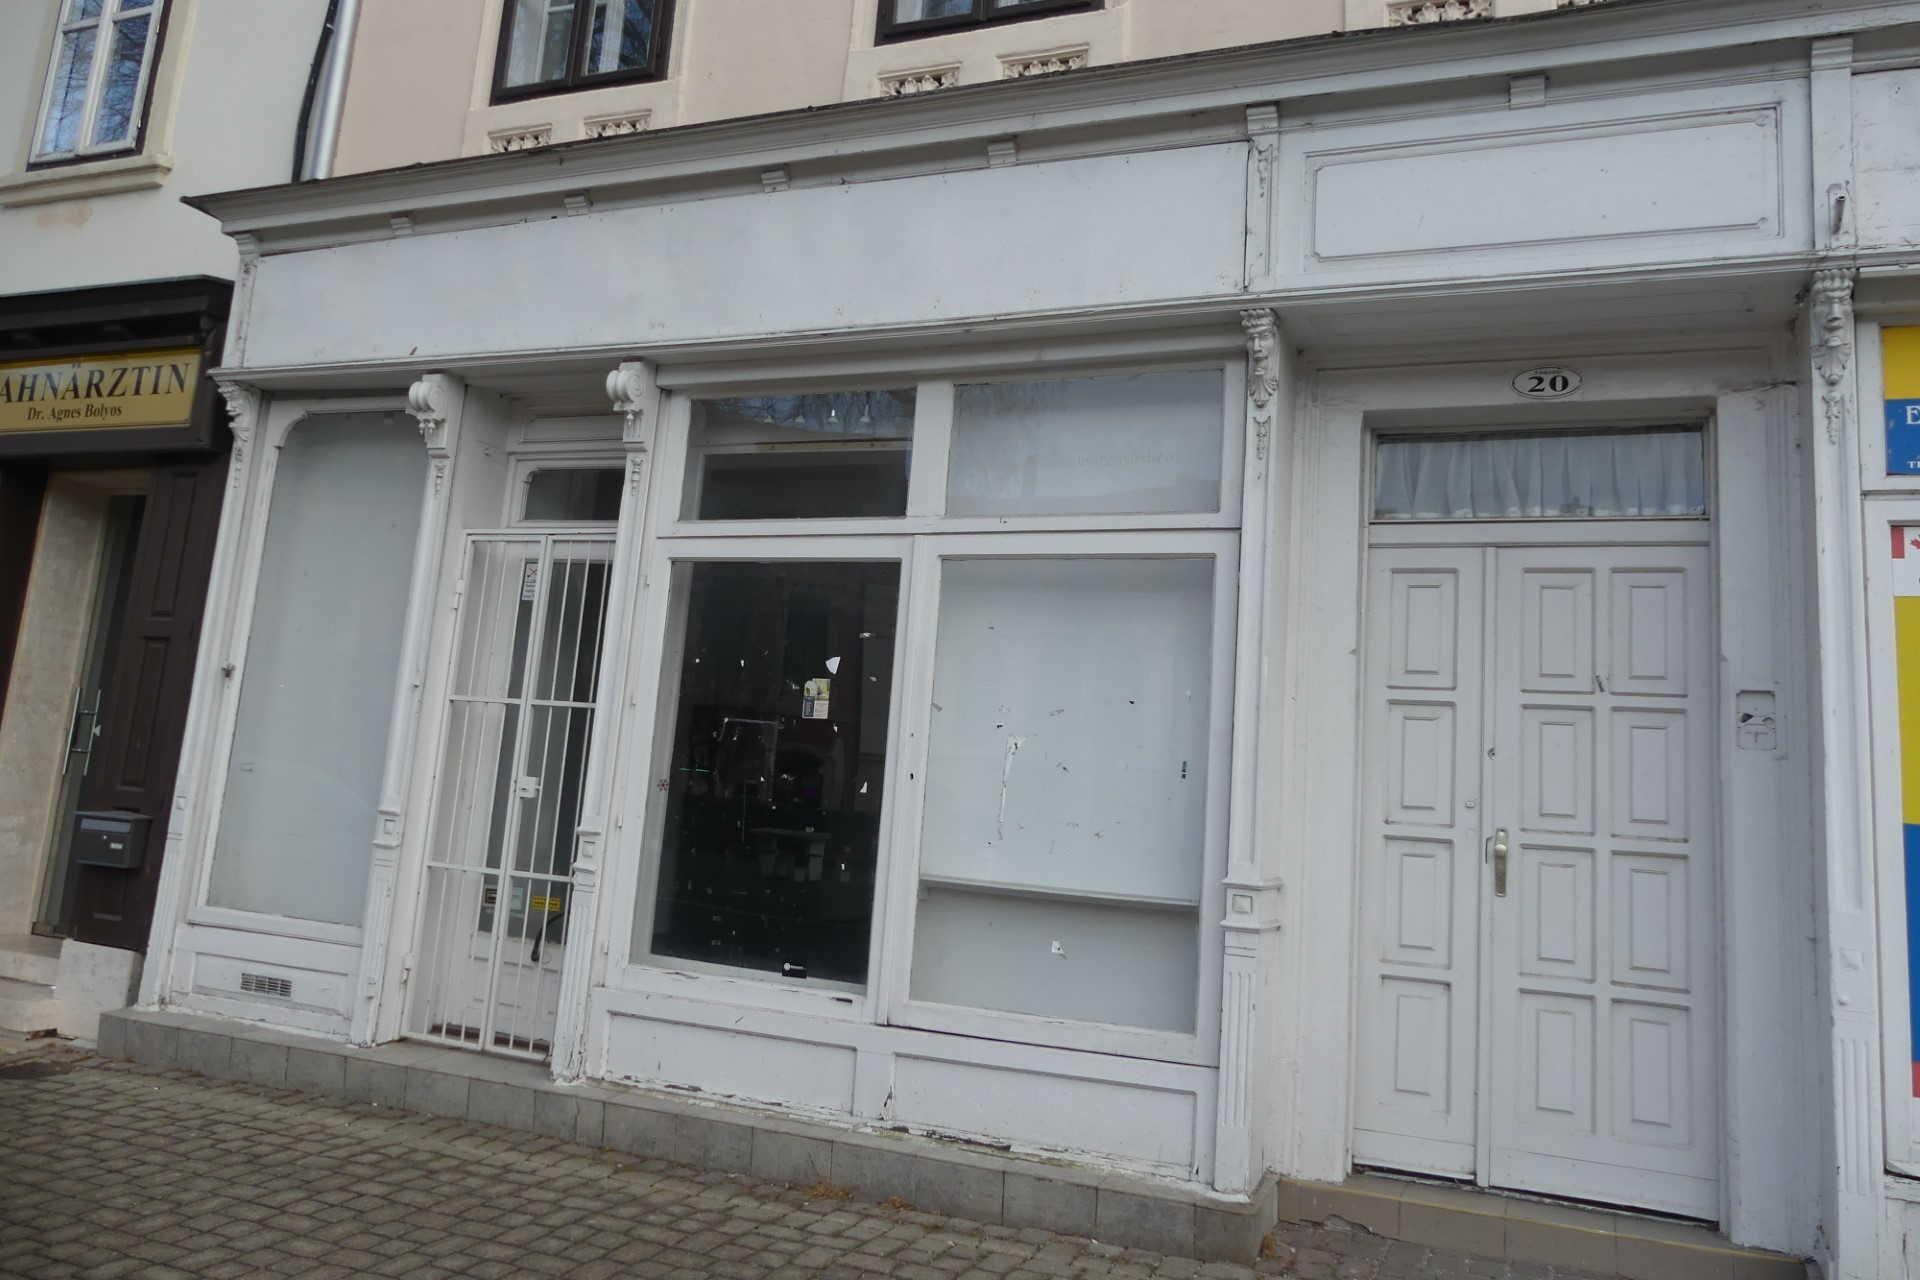 Bezárt boltok Sopron belvárosában